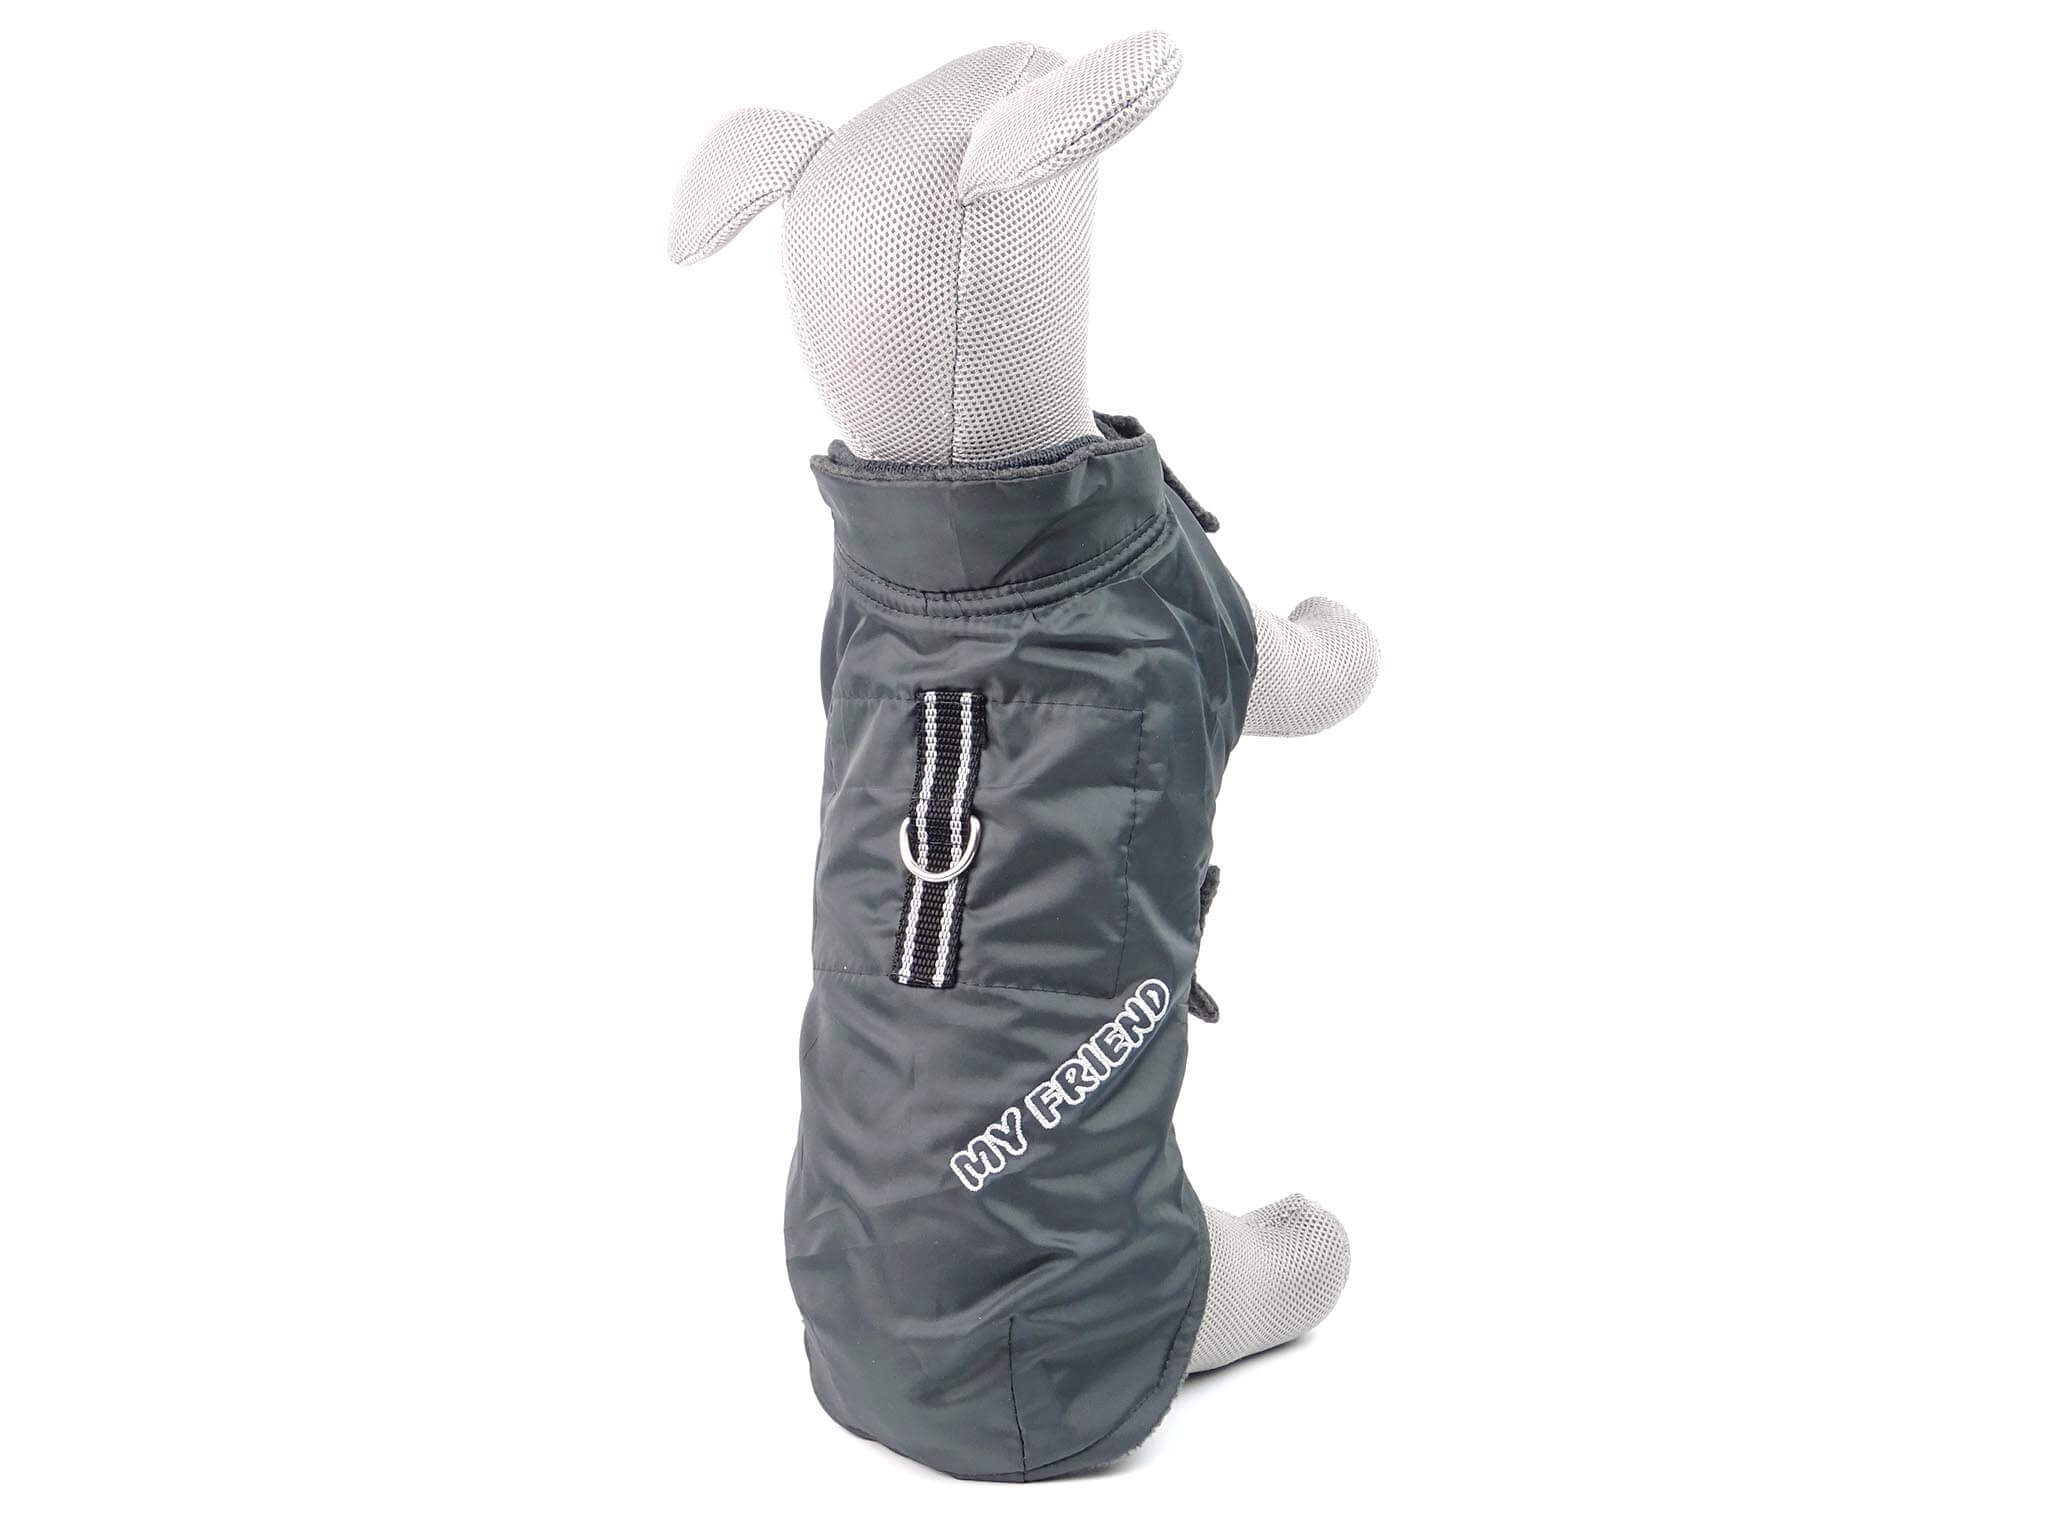 """Vsepropejska Snowy zimní bunda """"My friend"""" pro psa Barva: Šedá, Délka zad psa: 24 cm, Obvod hrudníku: 26 - 42 cm"""